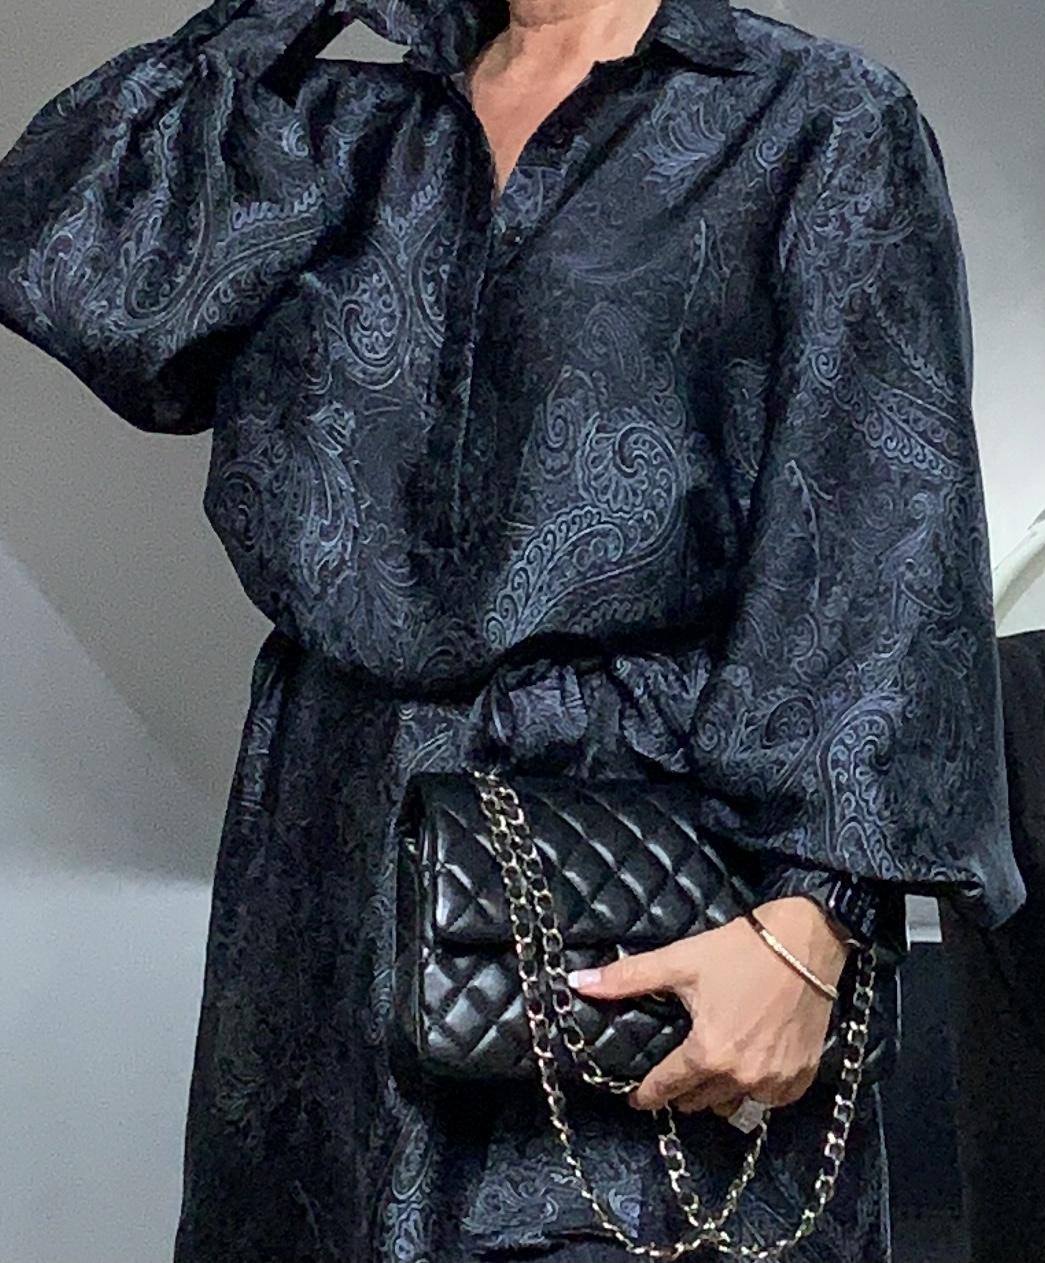 KARMAMIA Millie Dress - Denim Deco IMAGE BY ME